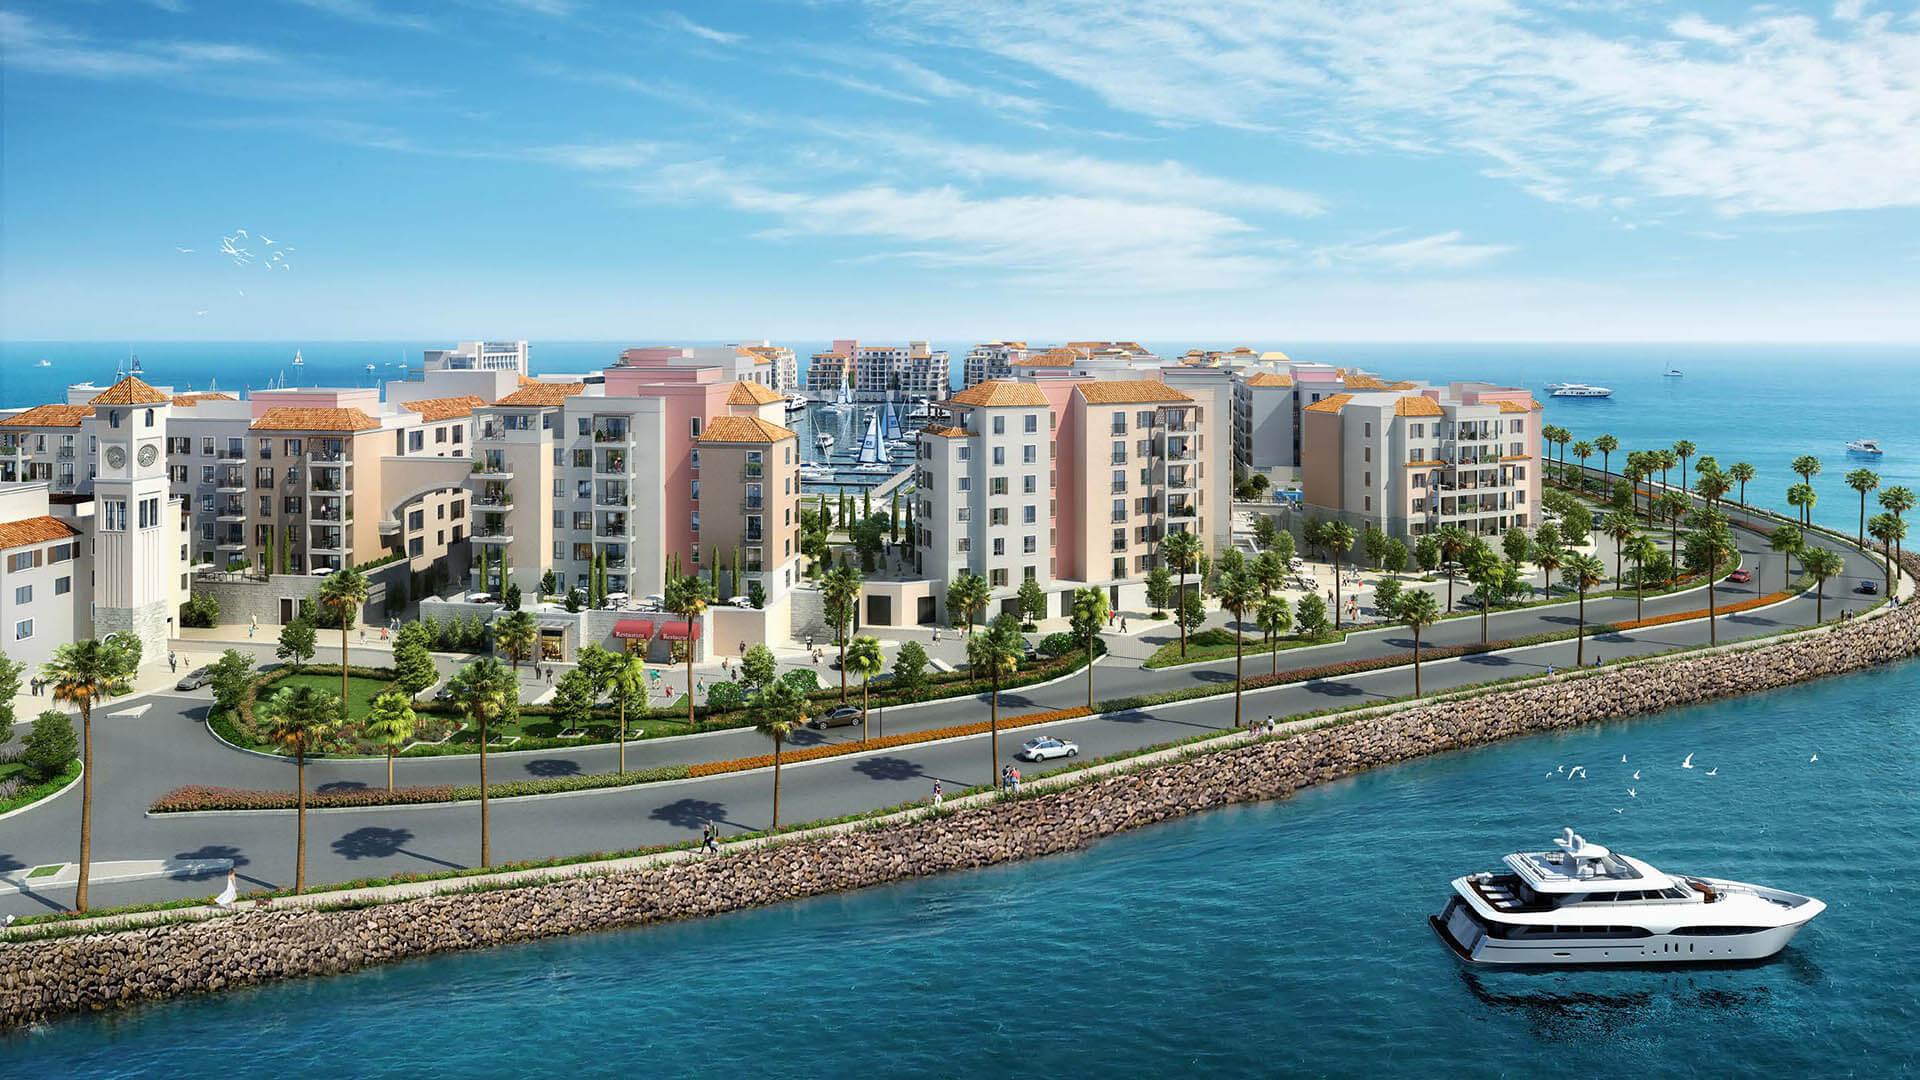 LA RIVE, Port de la mer, Dubai, EAU – foto 1